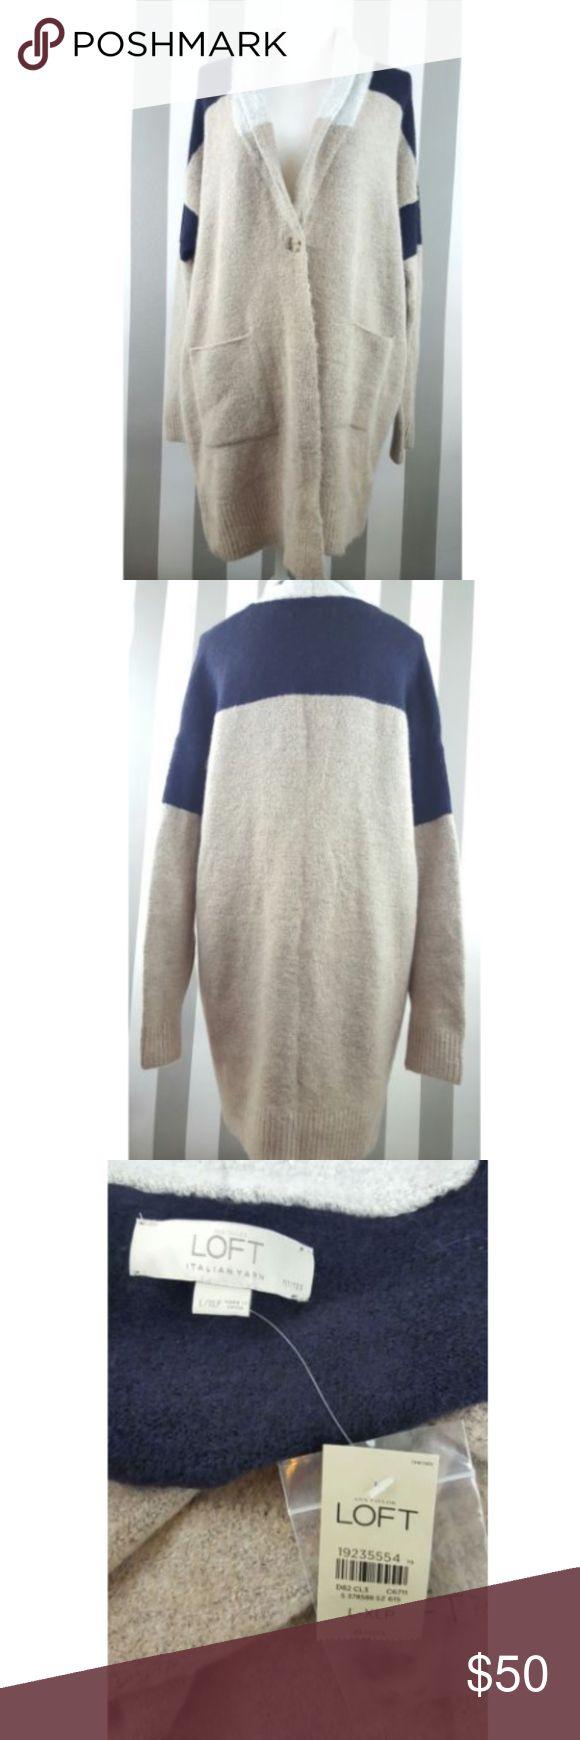 """Ann Taylor LOFT Large/XL Petite Cardigan NWT Ann Taylor LOFT Large/XL Petite Sweater   Italian Yarn   Colorblock   Long   Super Soft   Measurements: 24"""" armpit to armpit 32"""" length LOFT Sweaters Cardigans"""